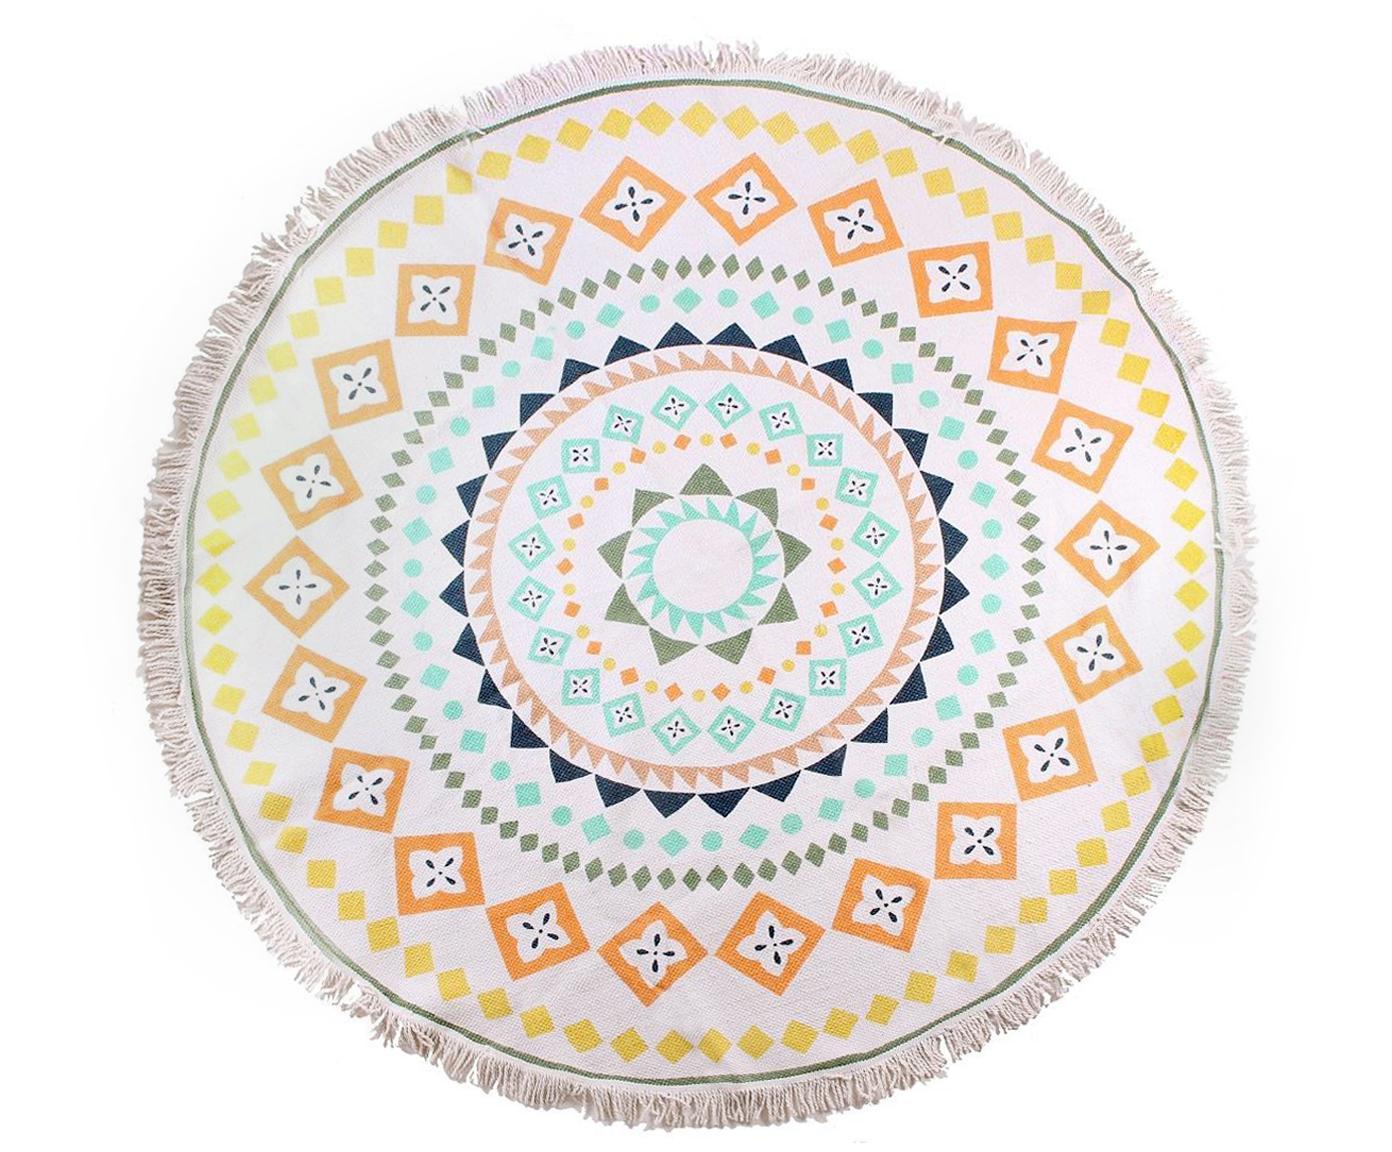 Tappeto rotondo Helge, Cotone, Bianco, multicolore, Ø 180 cm